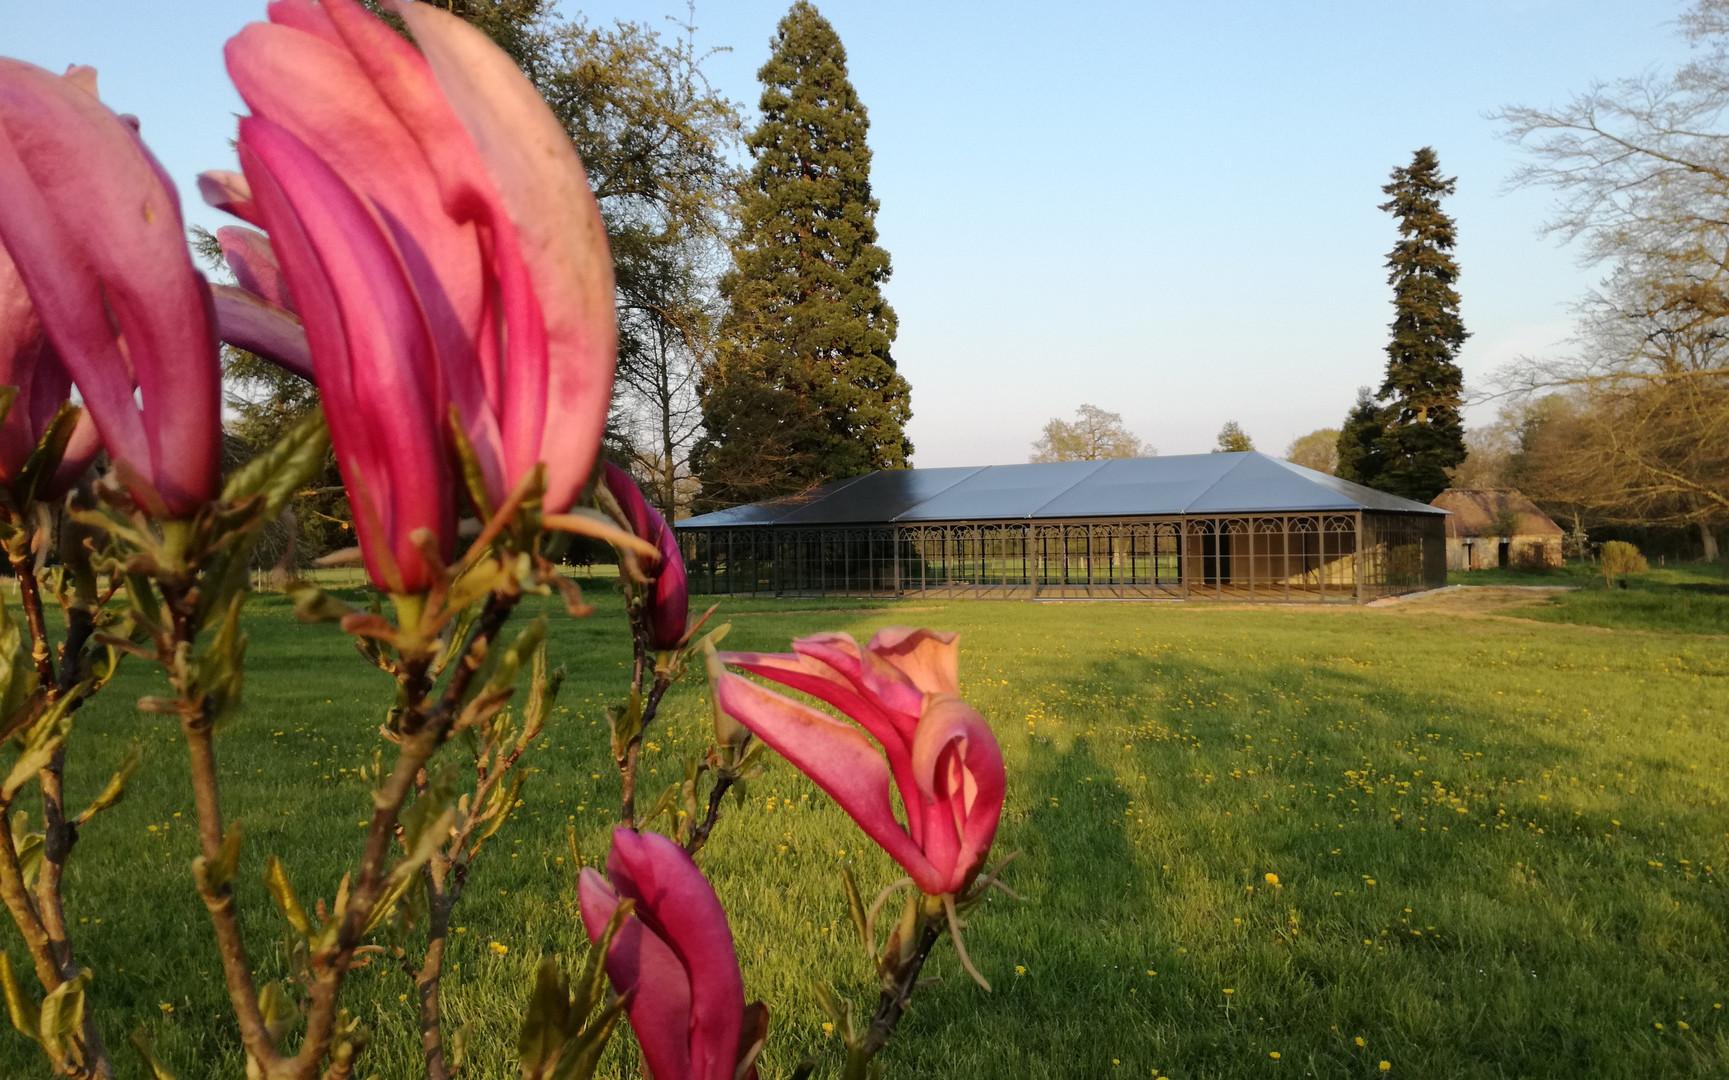 palais de verre dans le parc du château